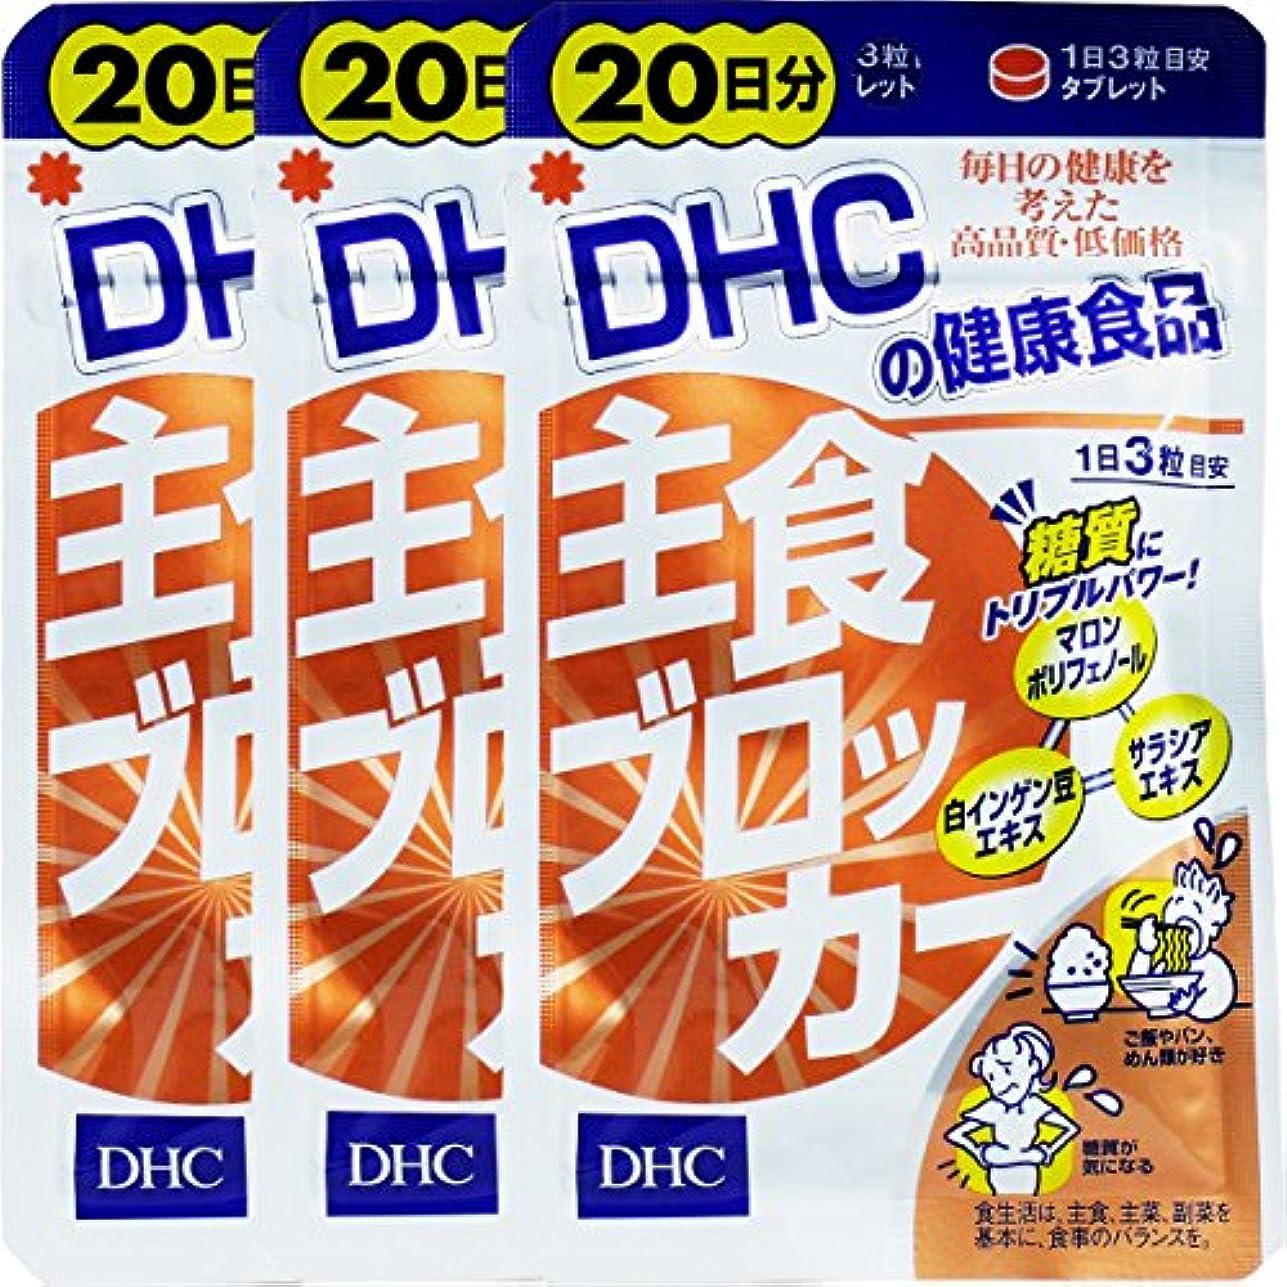 エゴイズム談話電話をかけるDHC 主食ブロッカー 20日分 60粒入×3個